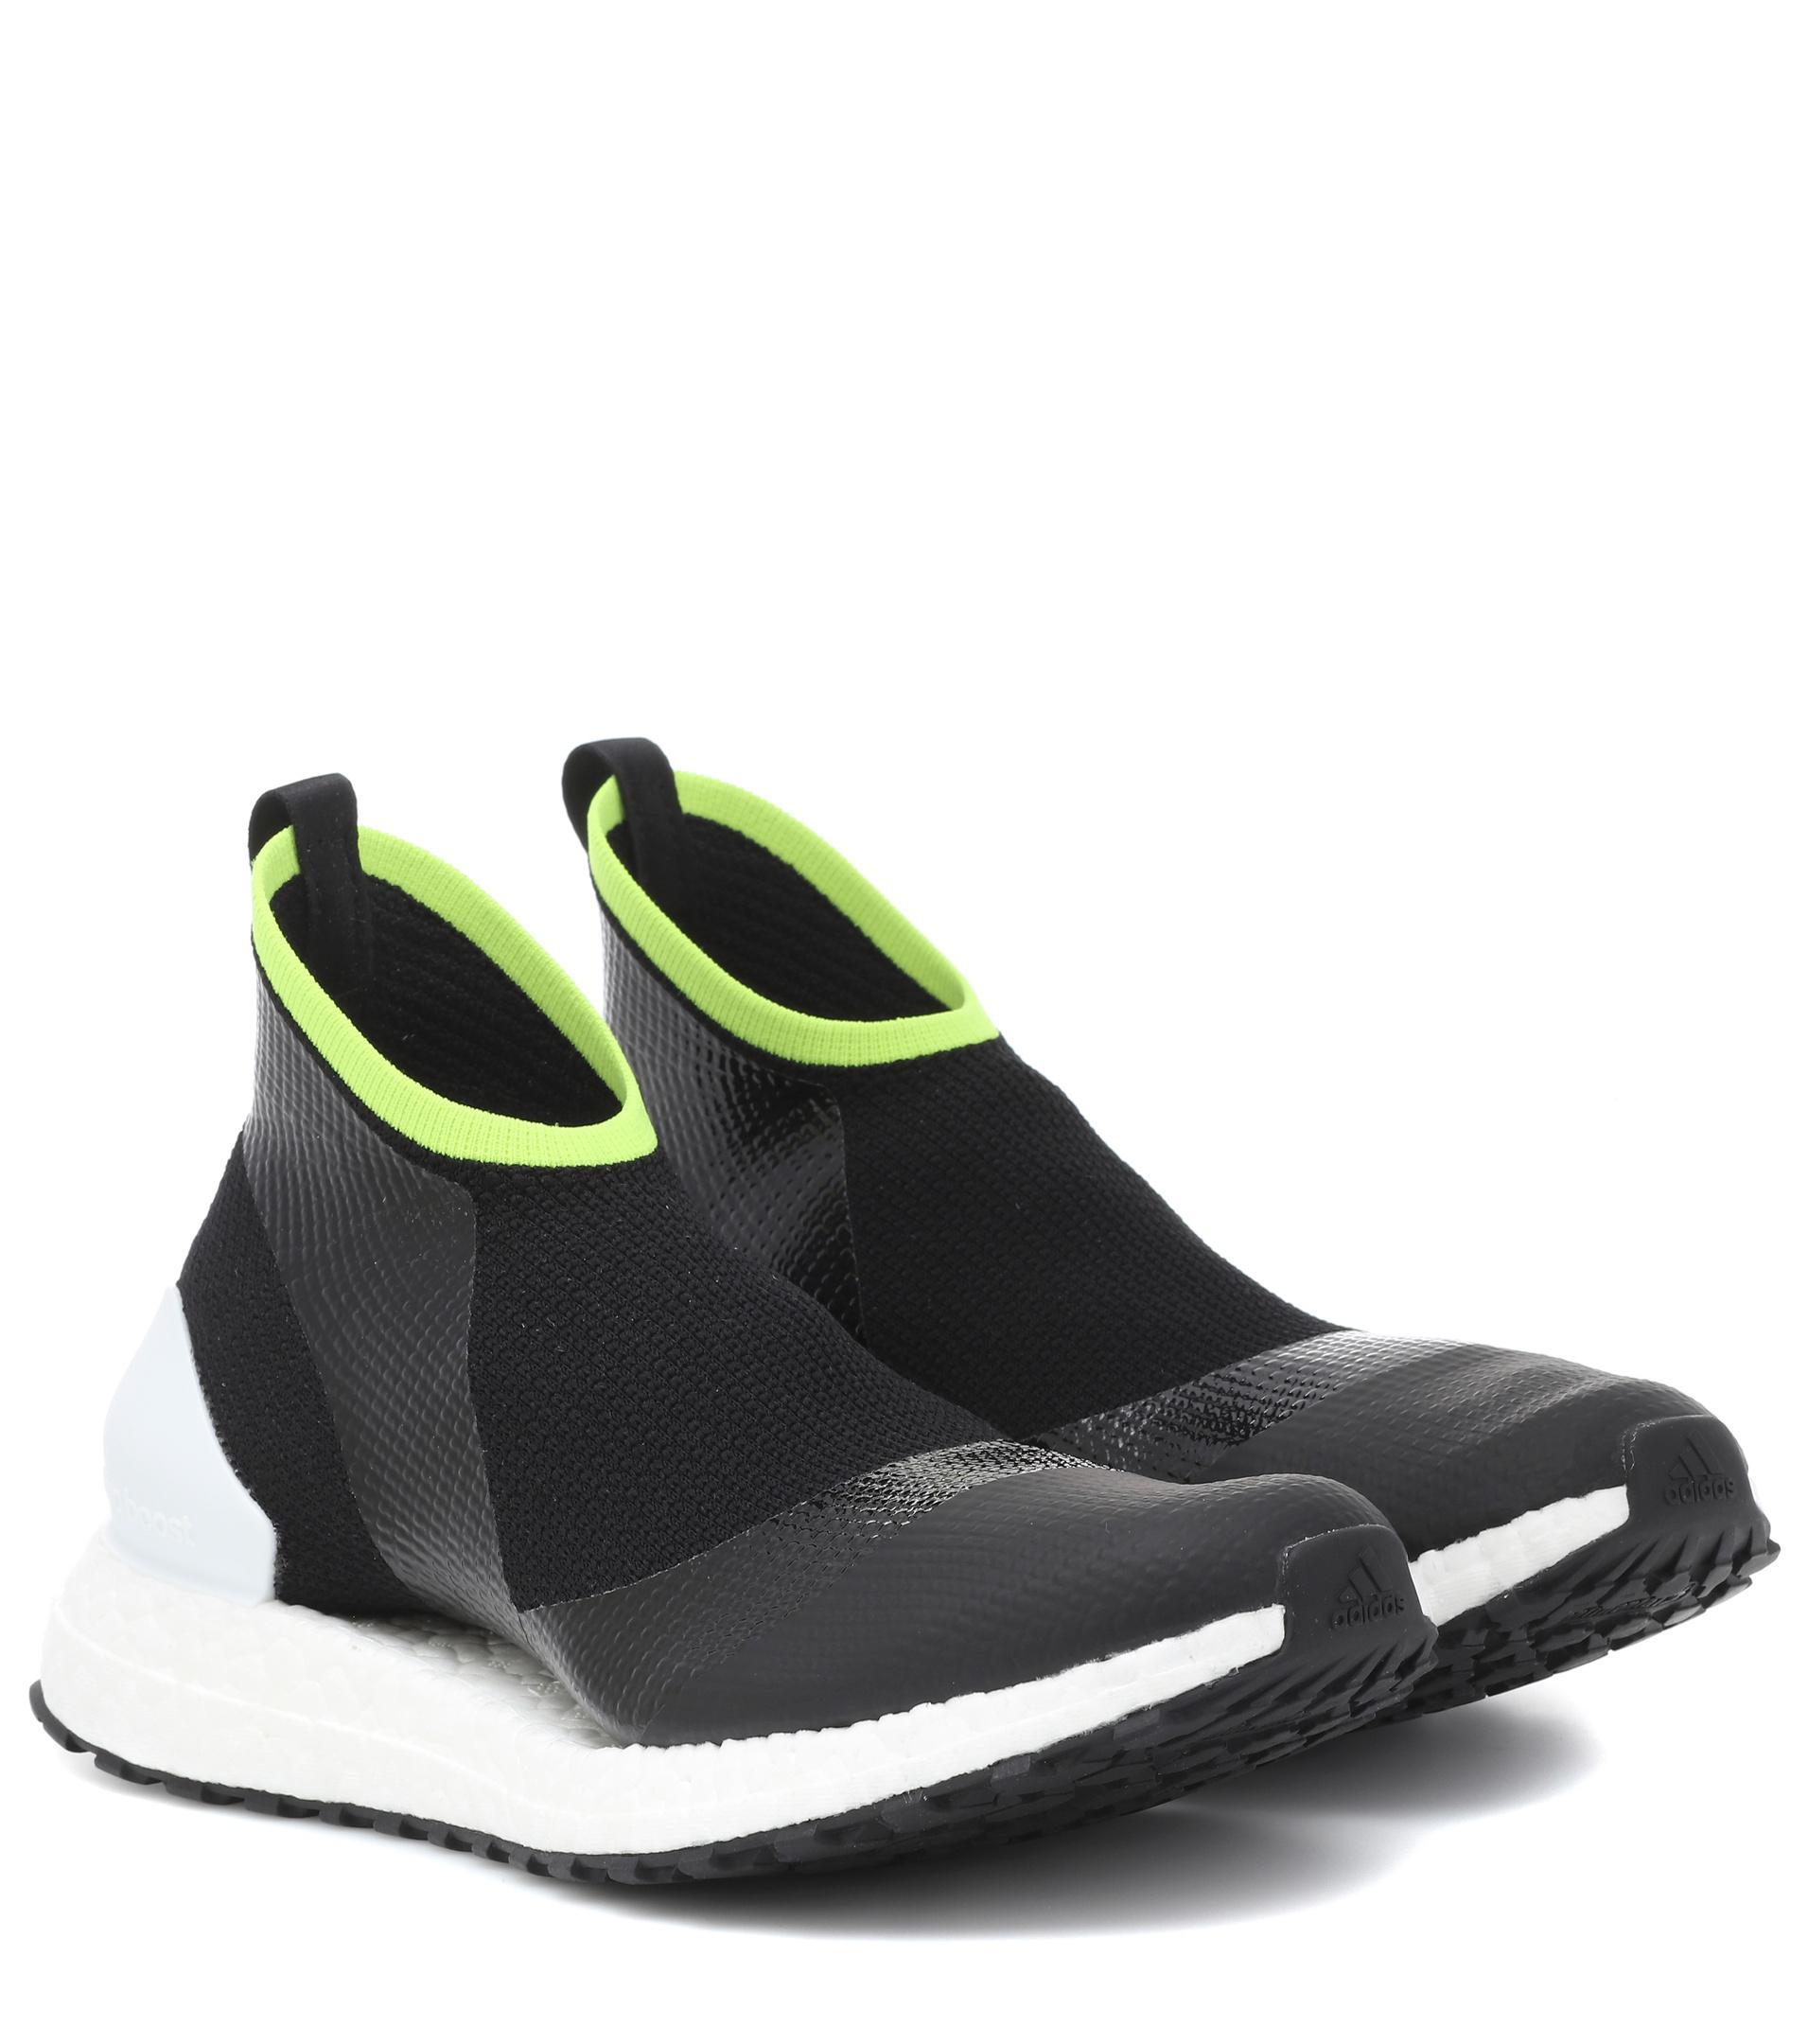 5d87cc97dd59d adidas By Stella McCartney Ultraboost X All-terrain Sneakers in ...